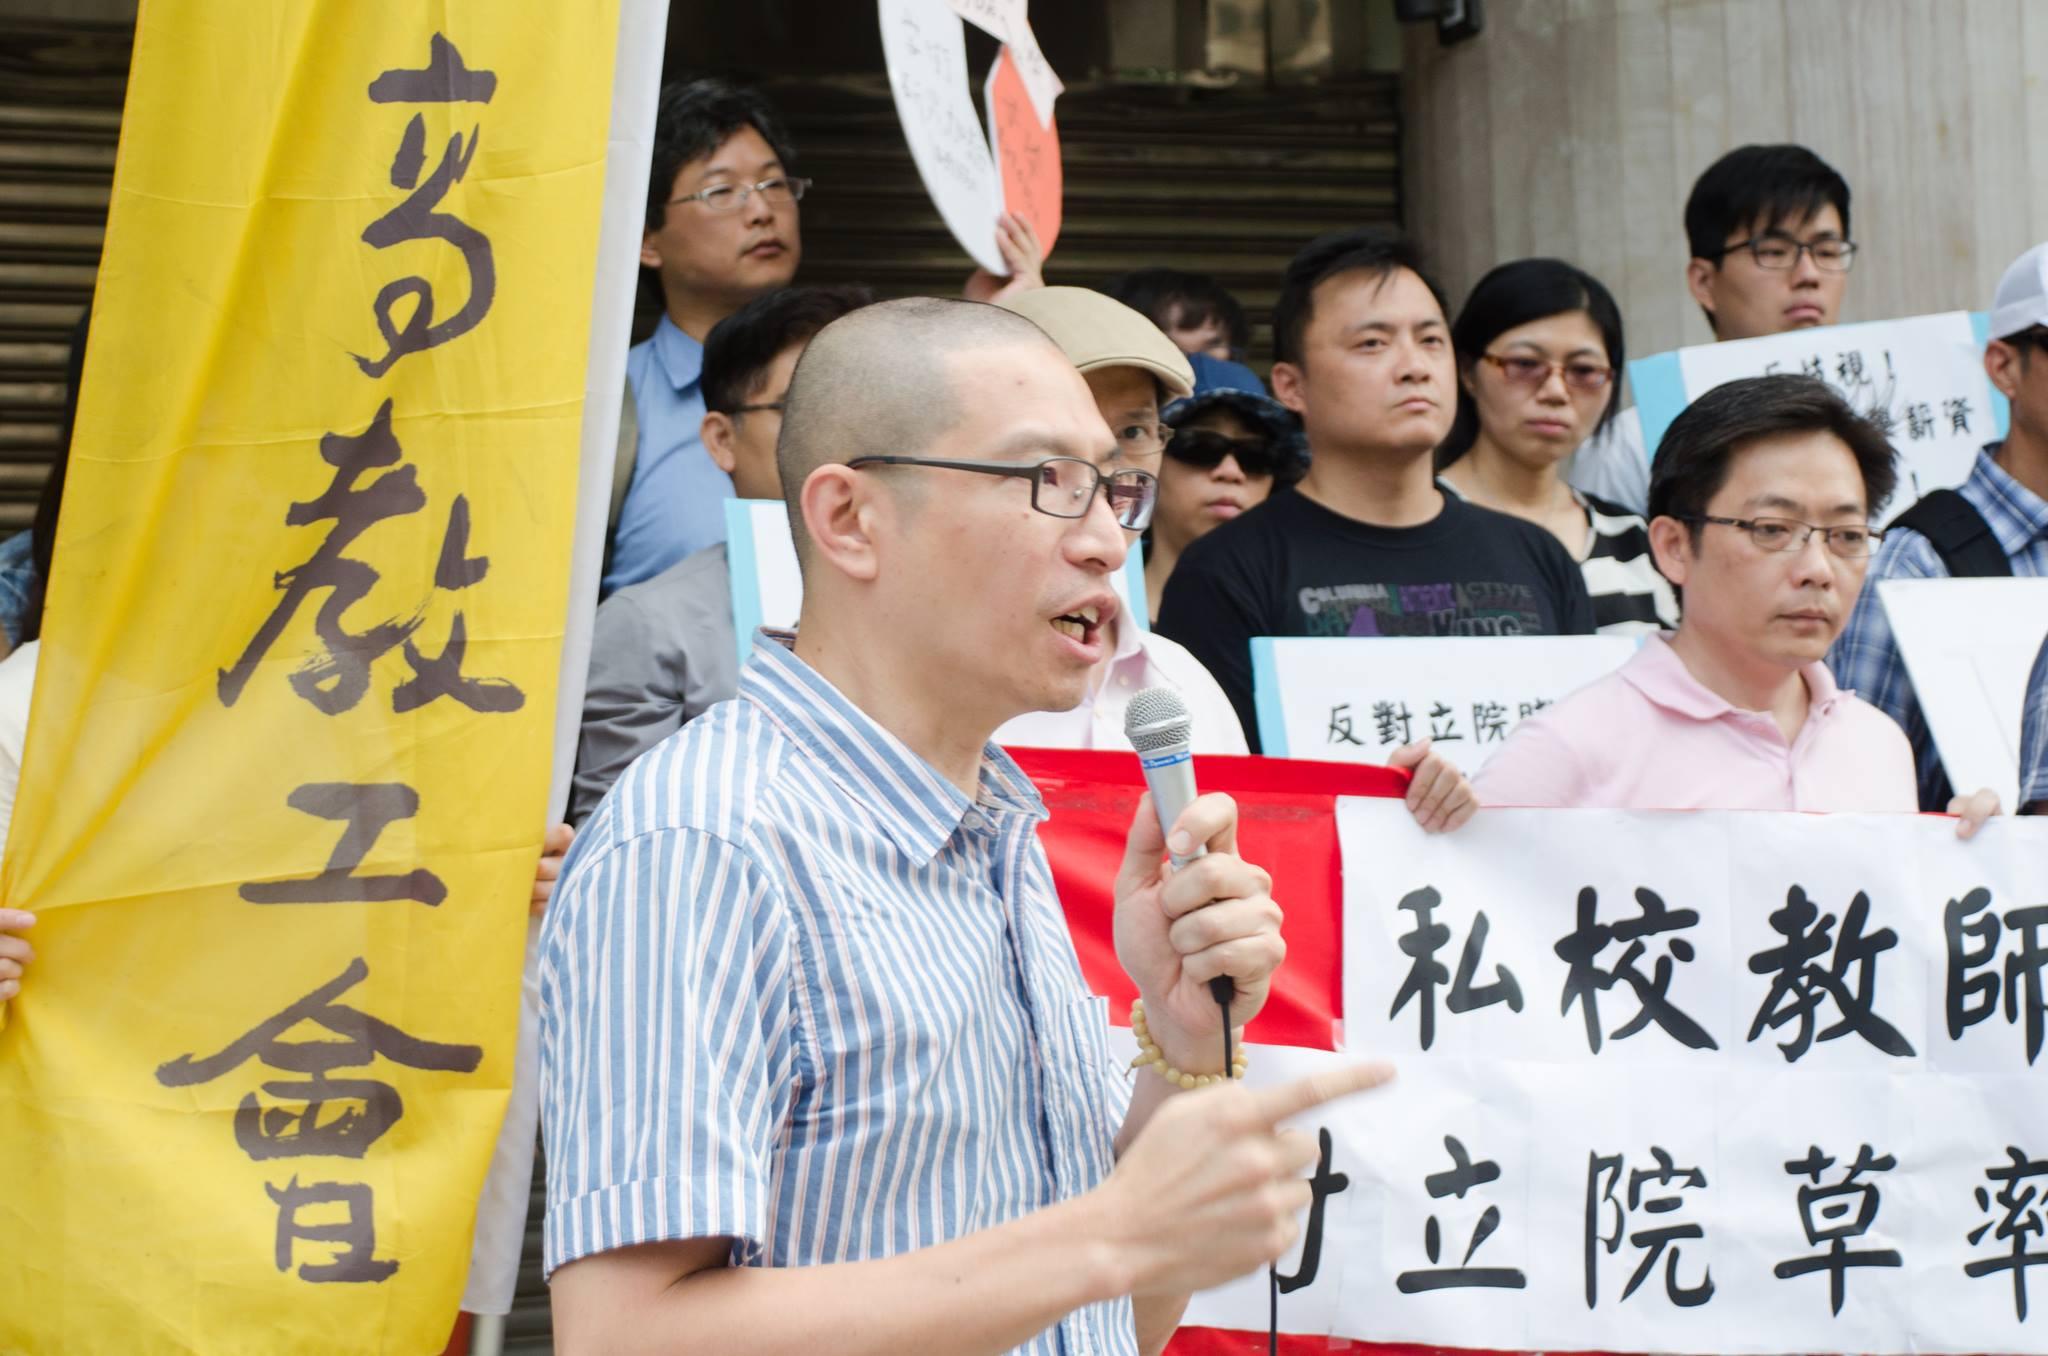 高教工會施壓成功 「29K」教師待遇條例暫緩二讀 週四進入黨團協商 | 公民行動影音紀錄資料庫